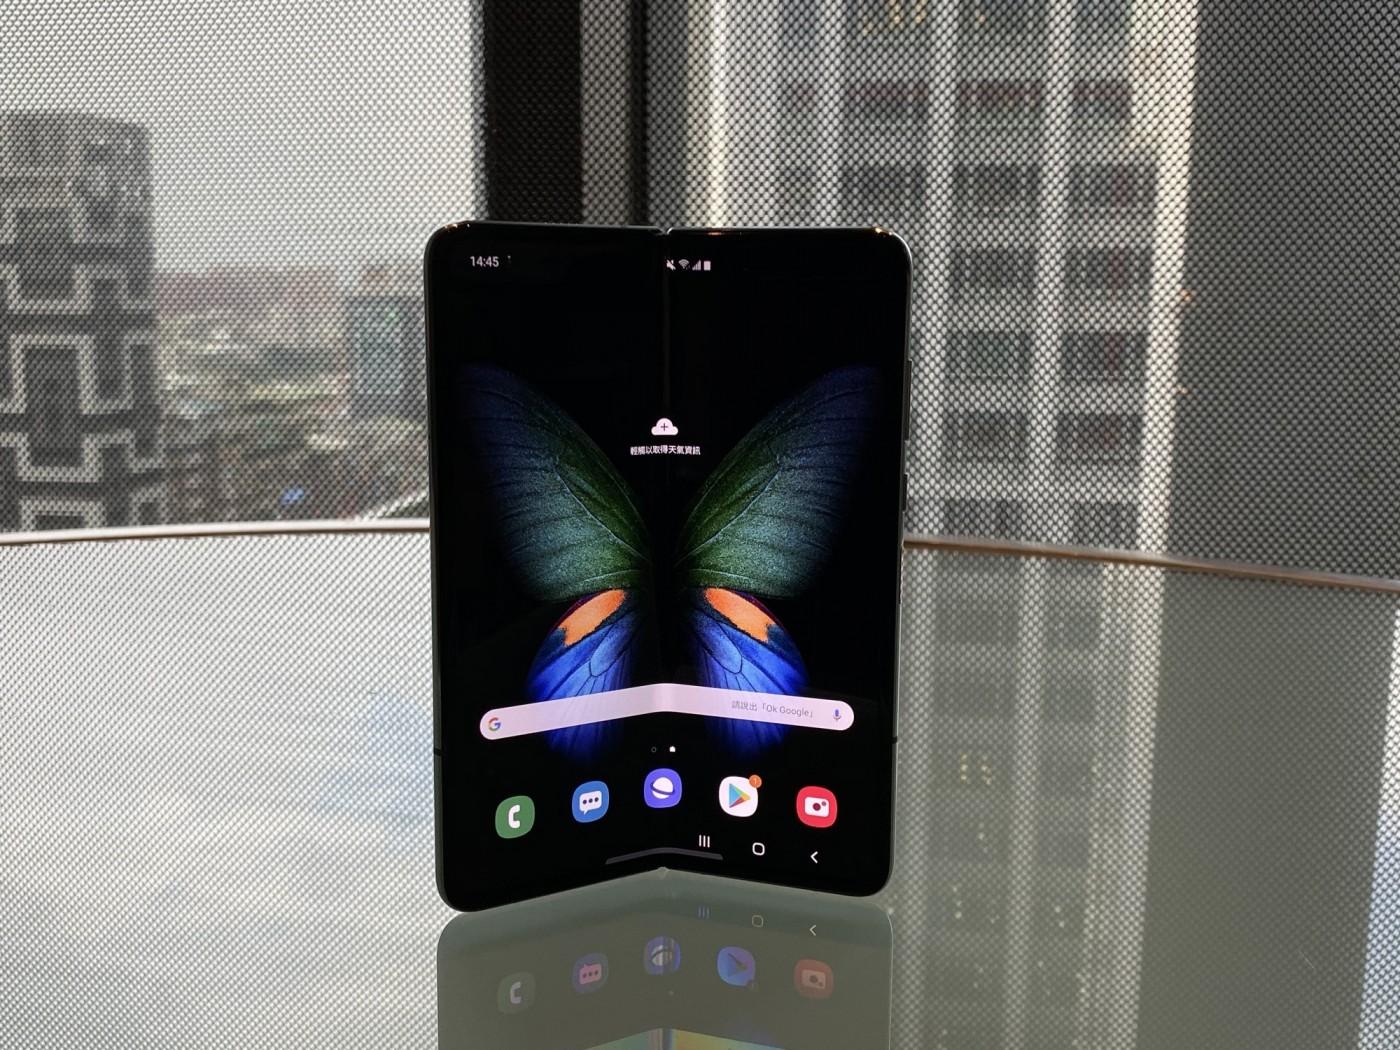 售價逼近7萬元!三星摺疊手機Galaxy Fold捲土重來,目標鎖定這群人